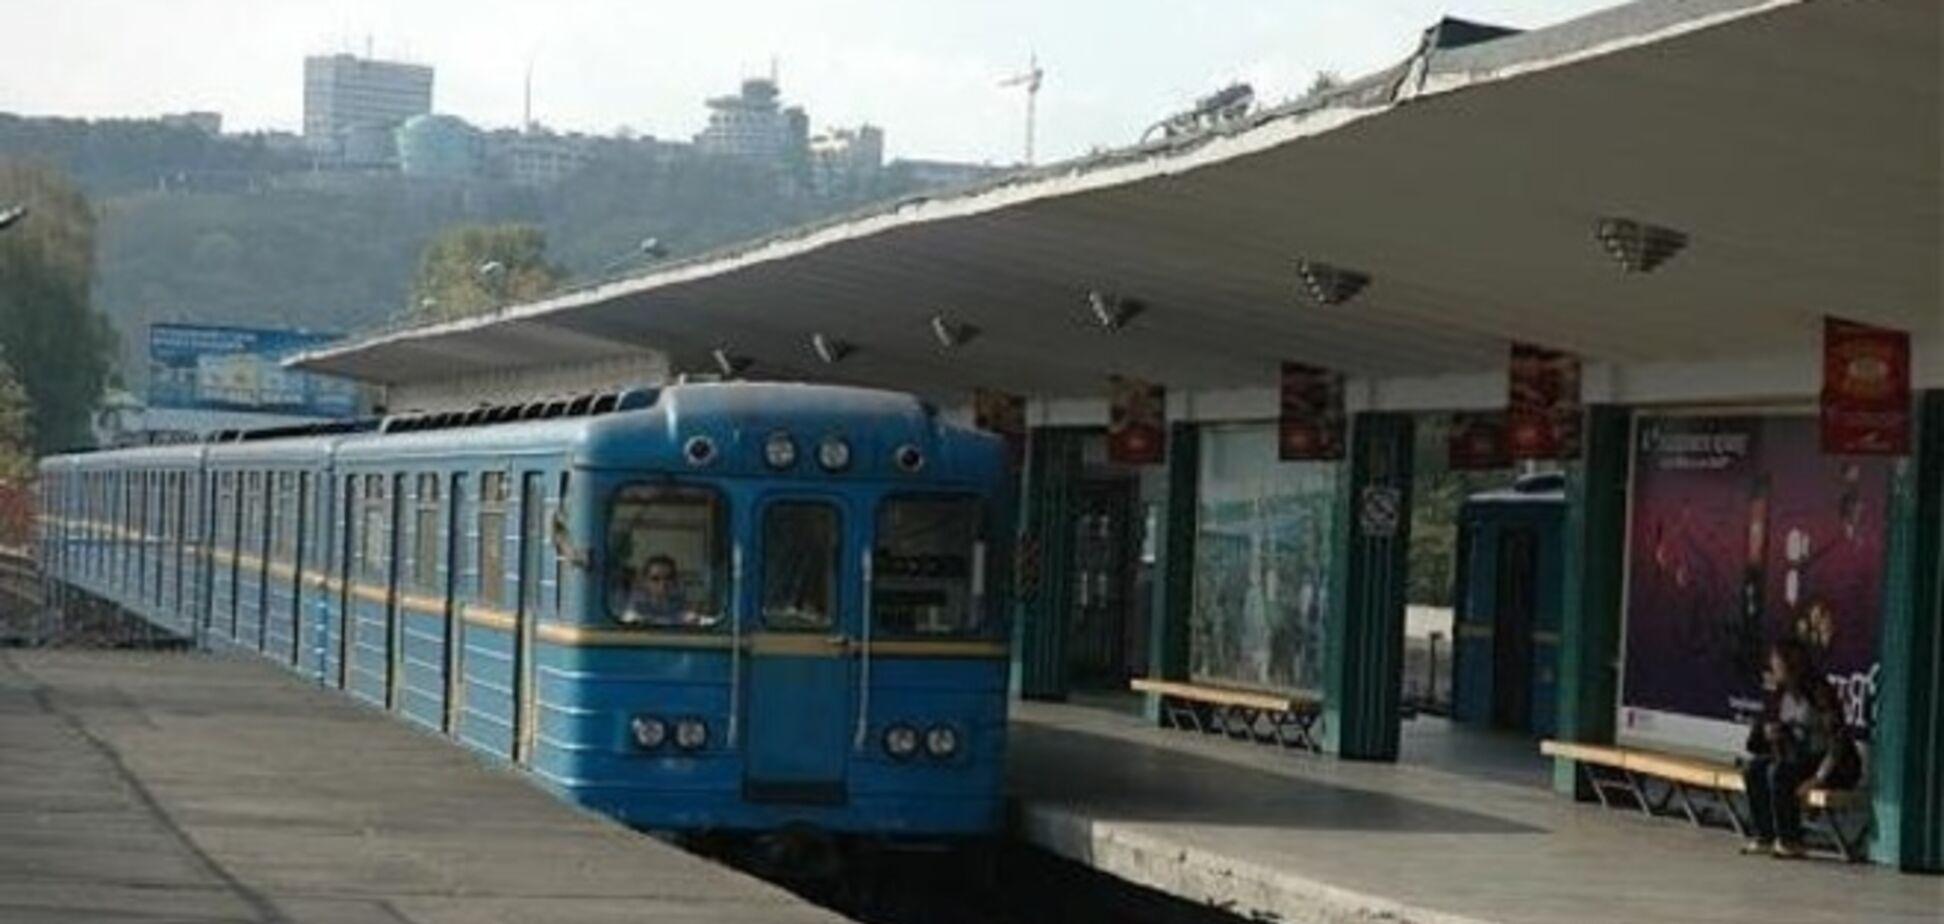 В Киеве снова закрыта станция метро 'Дарница' из-за сообщения о заминировании